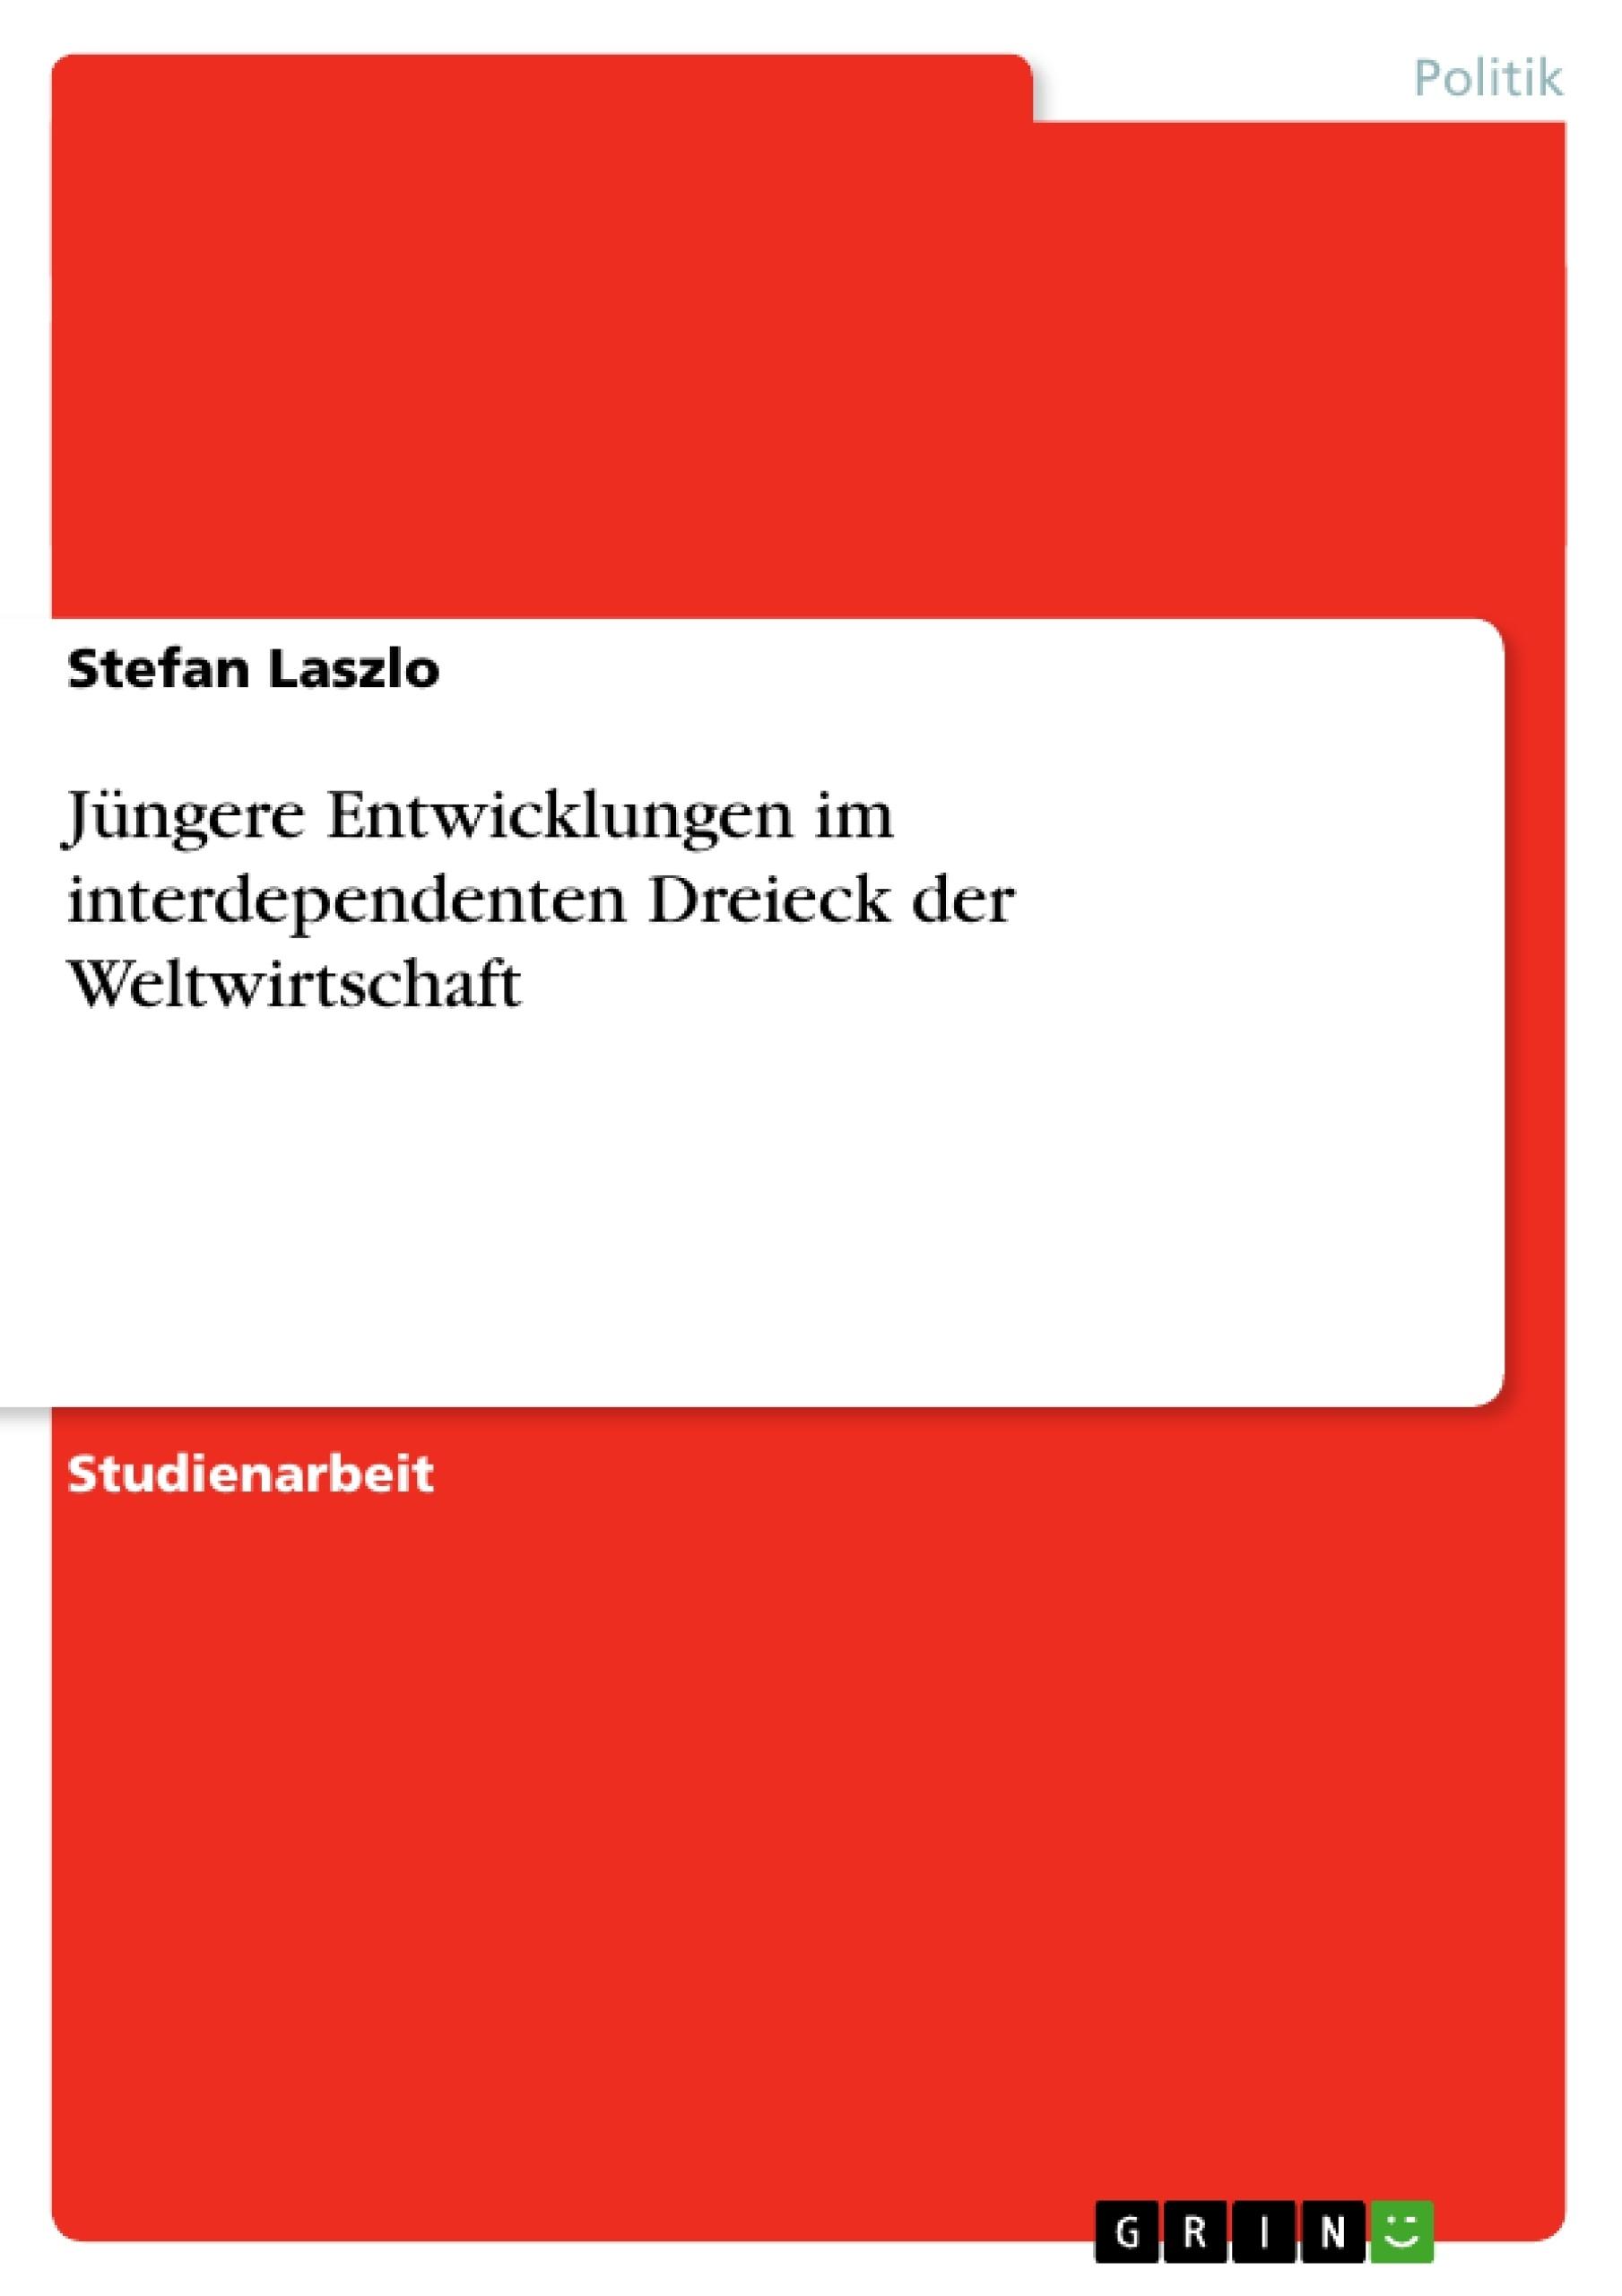 Titel: Jüngere Entwicklungen im interdependenten Dreieck der Weltwirtschaft